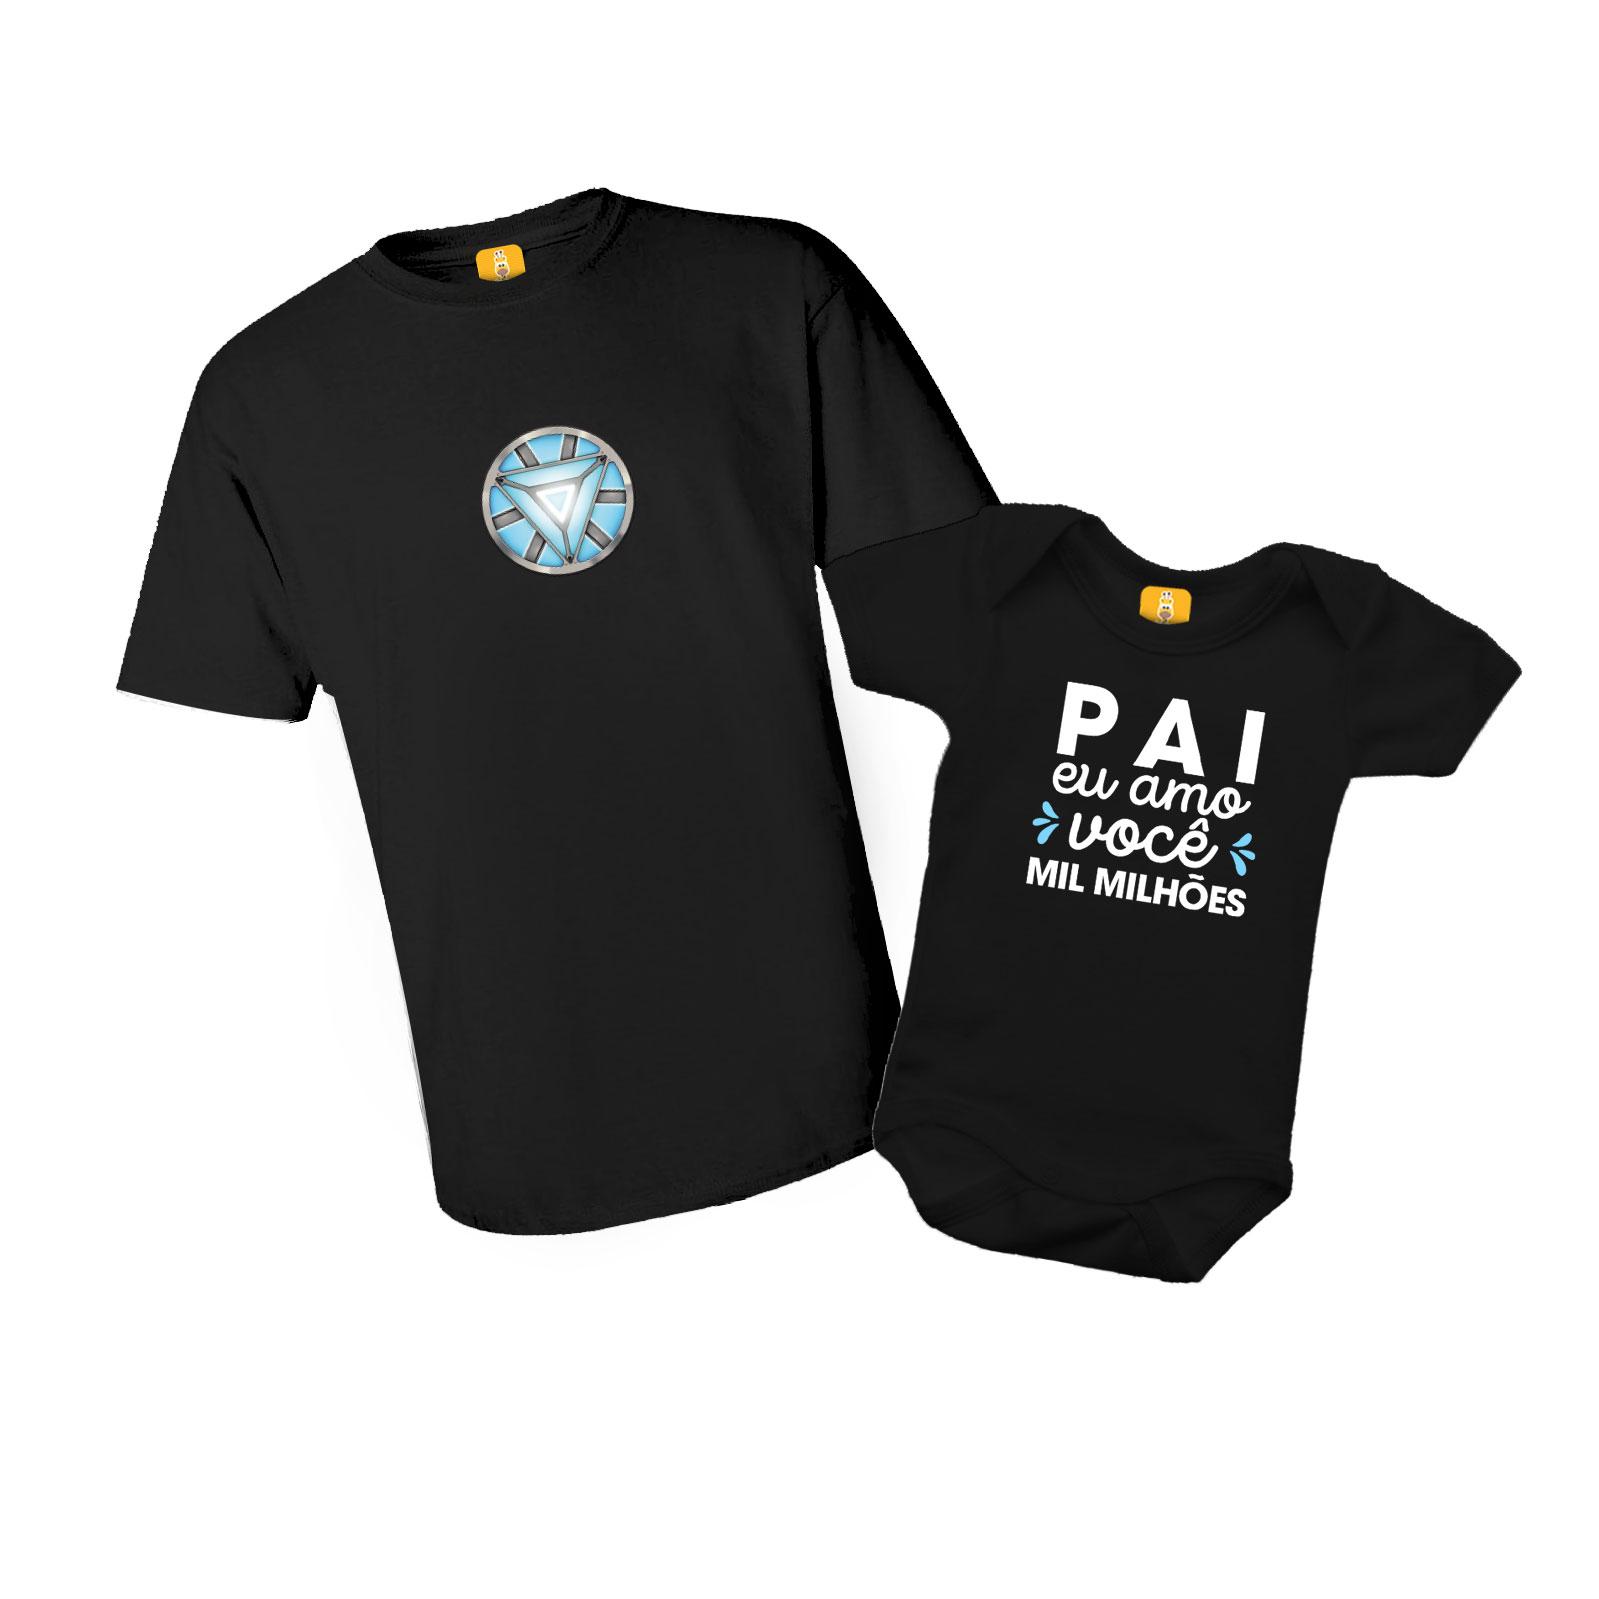 Kit Camiseta e Body - Homem de Ferro e Pai eu Amo você Mil Milhões - 2 Peças